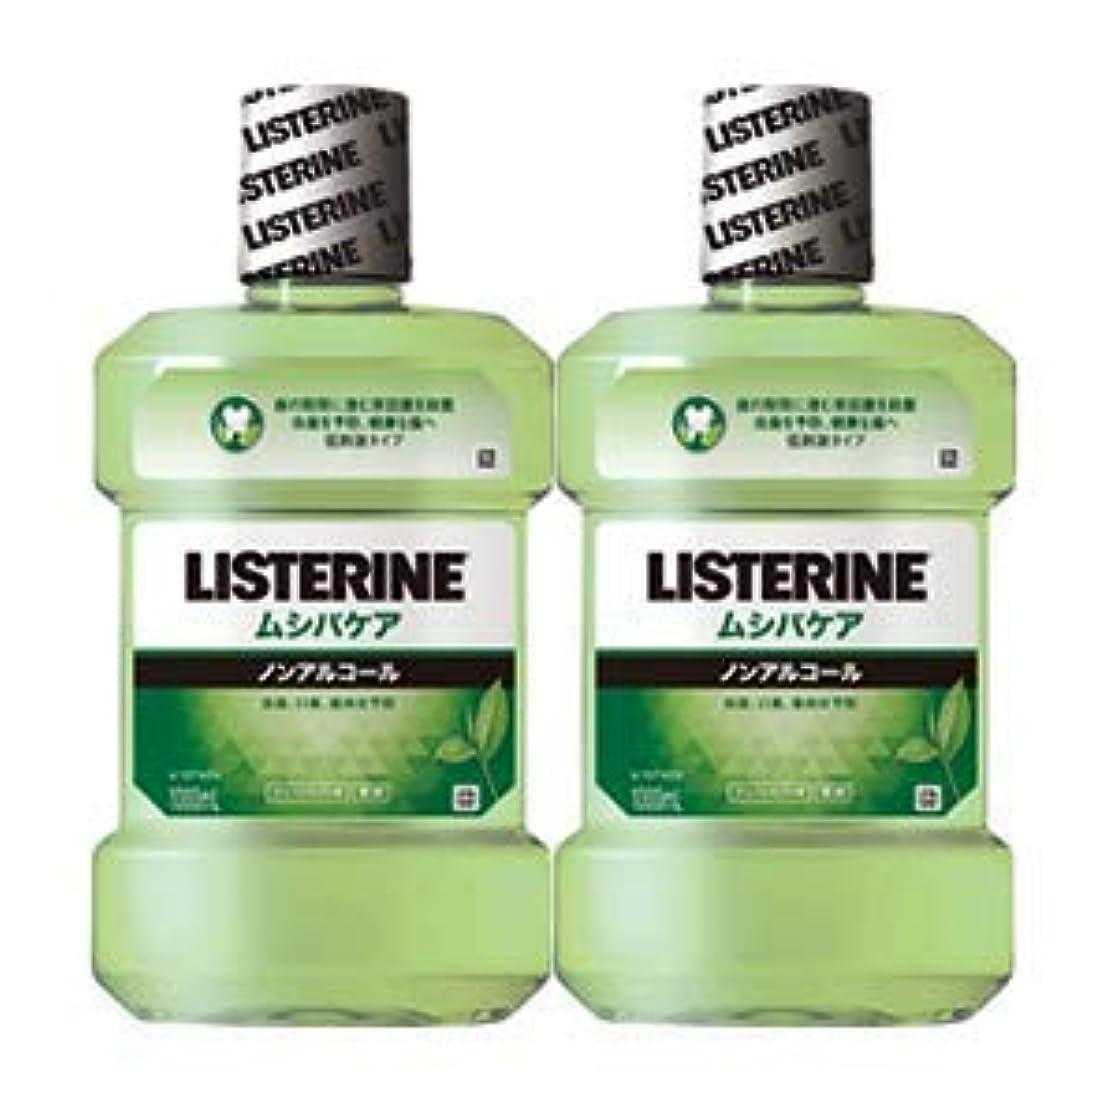 伝染性の一般打倒薬用リステリン ムシバケア (液体歯磨) 1000mL×2本セット